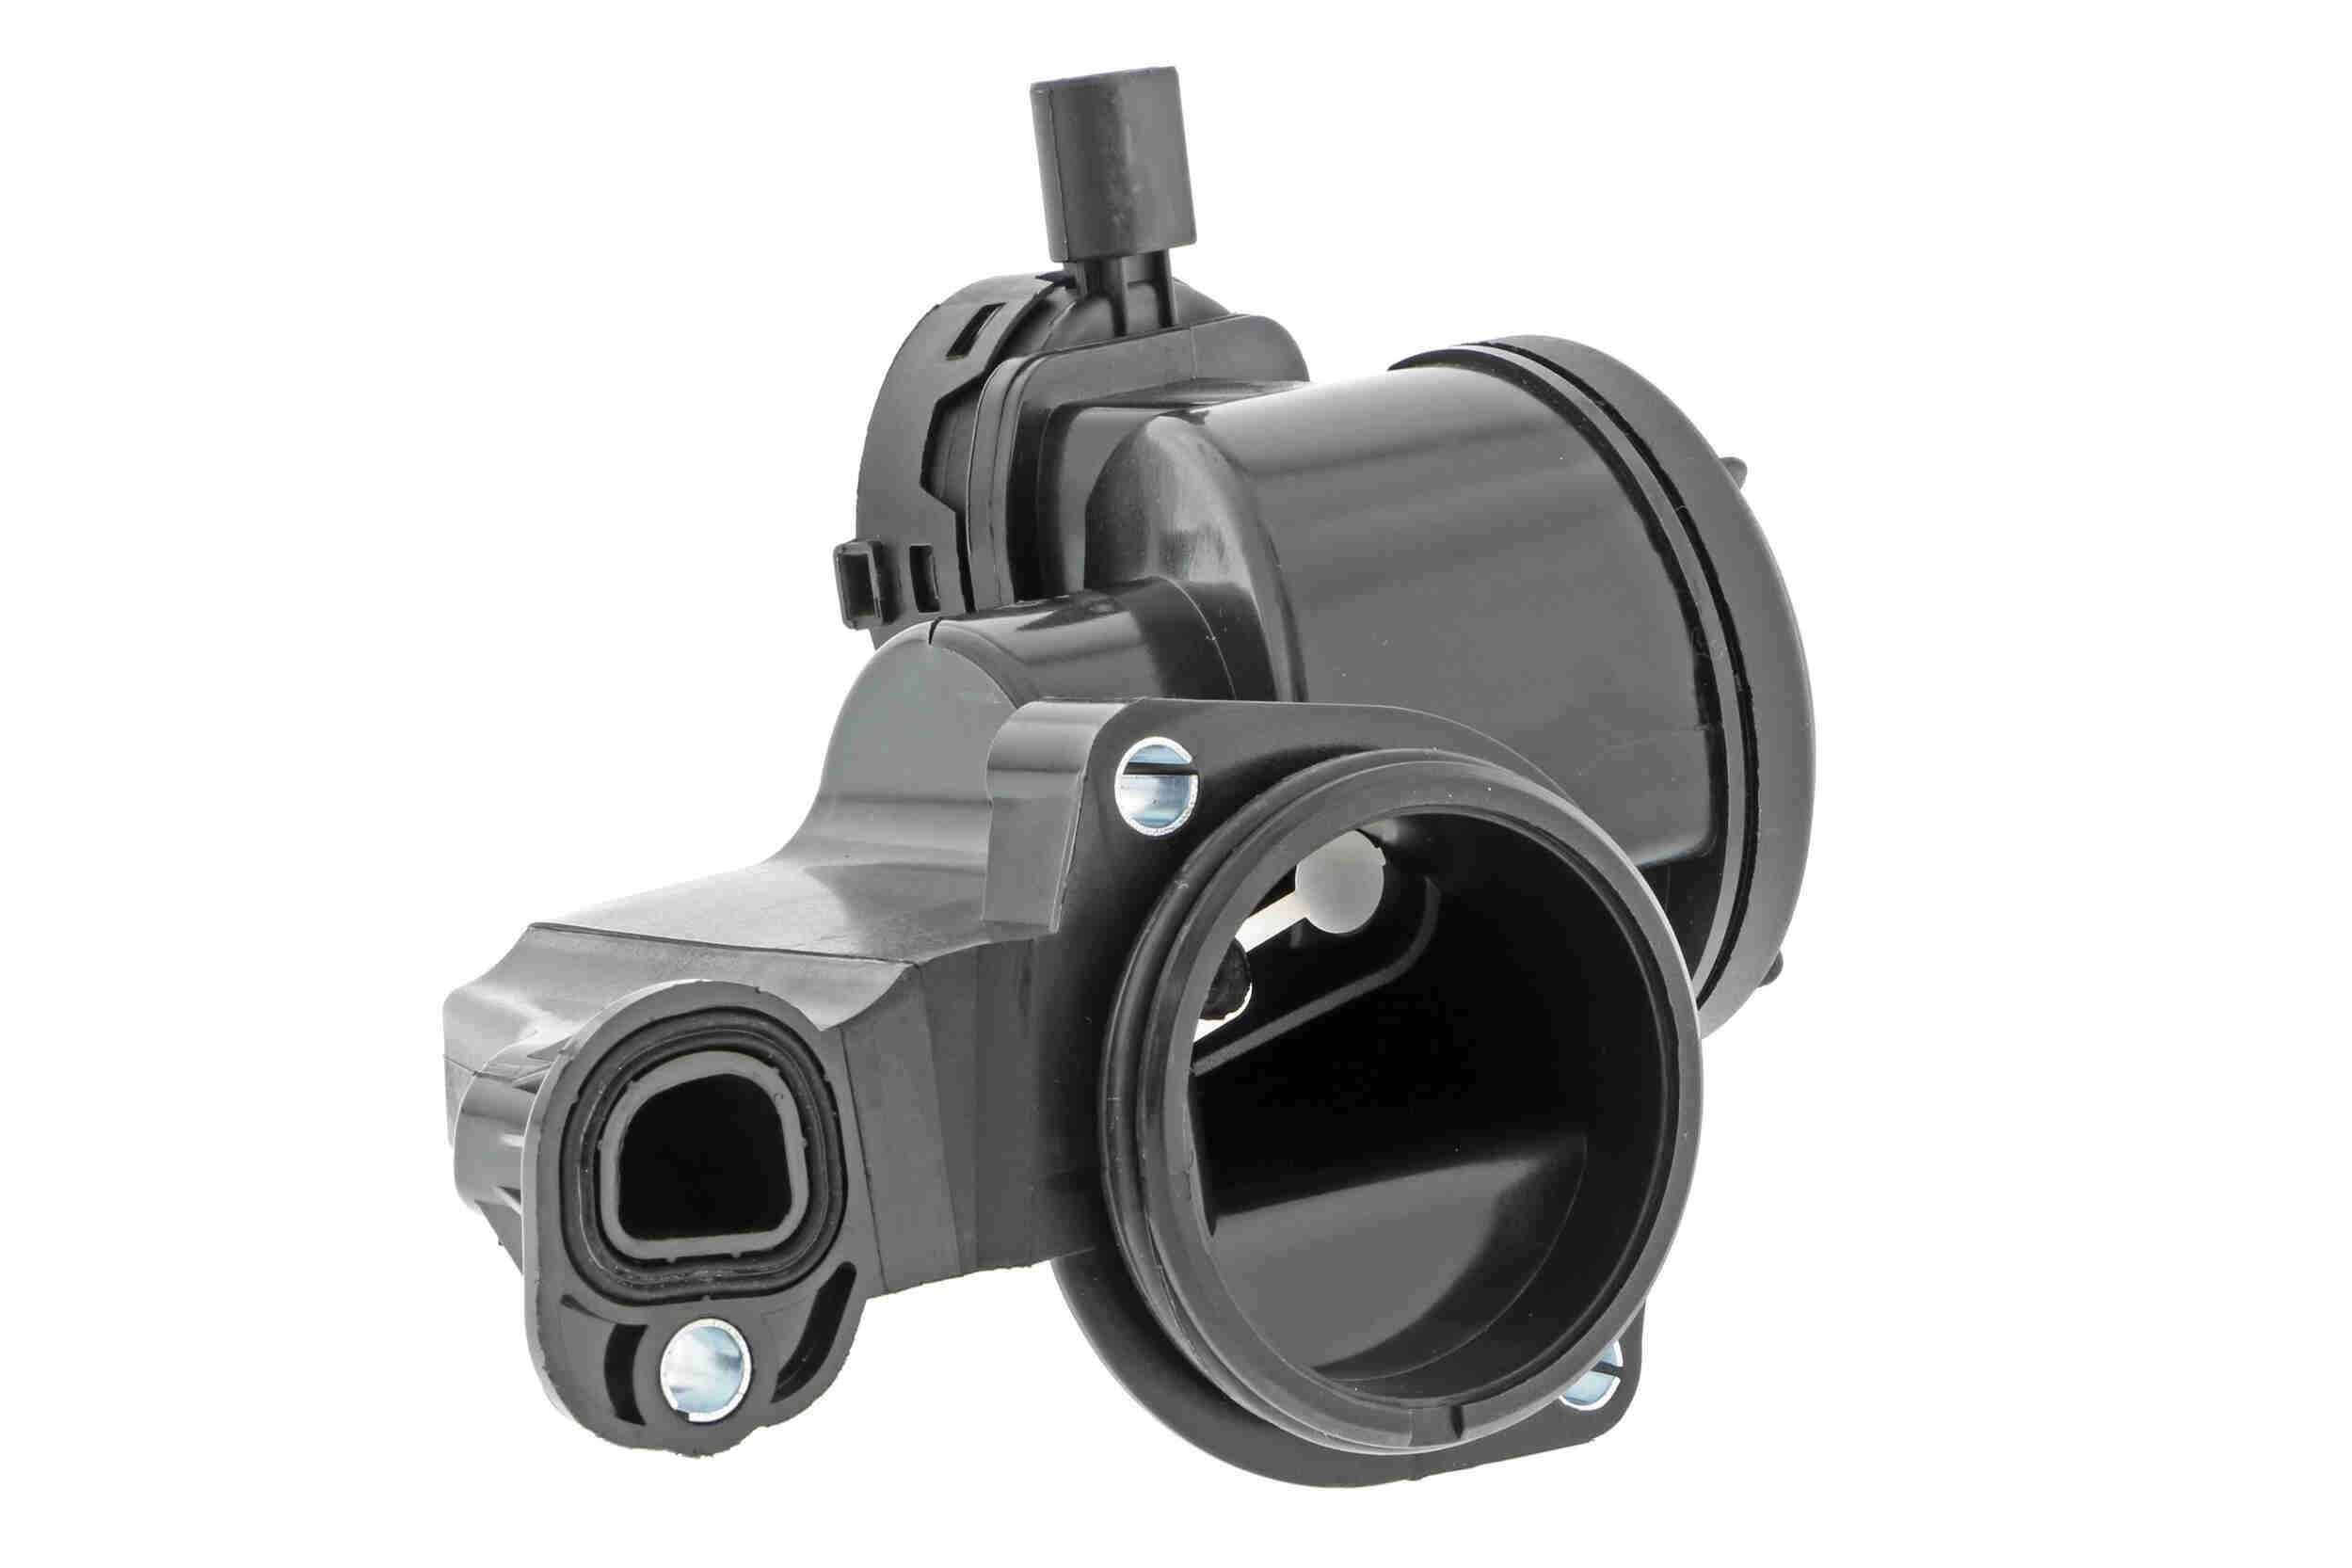 Ventil Kurbelgehäuseentlüftung V10-2255 rund um die Uhr online kaufen